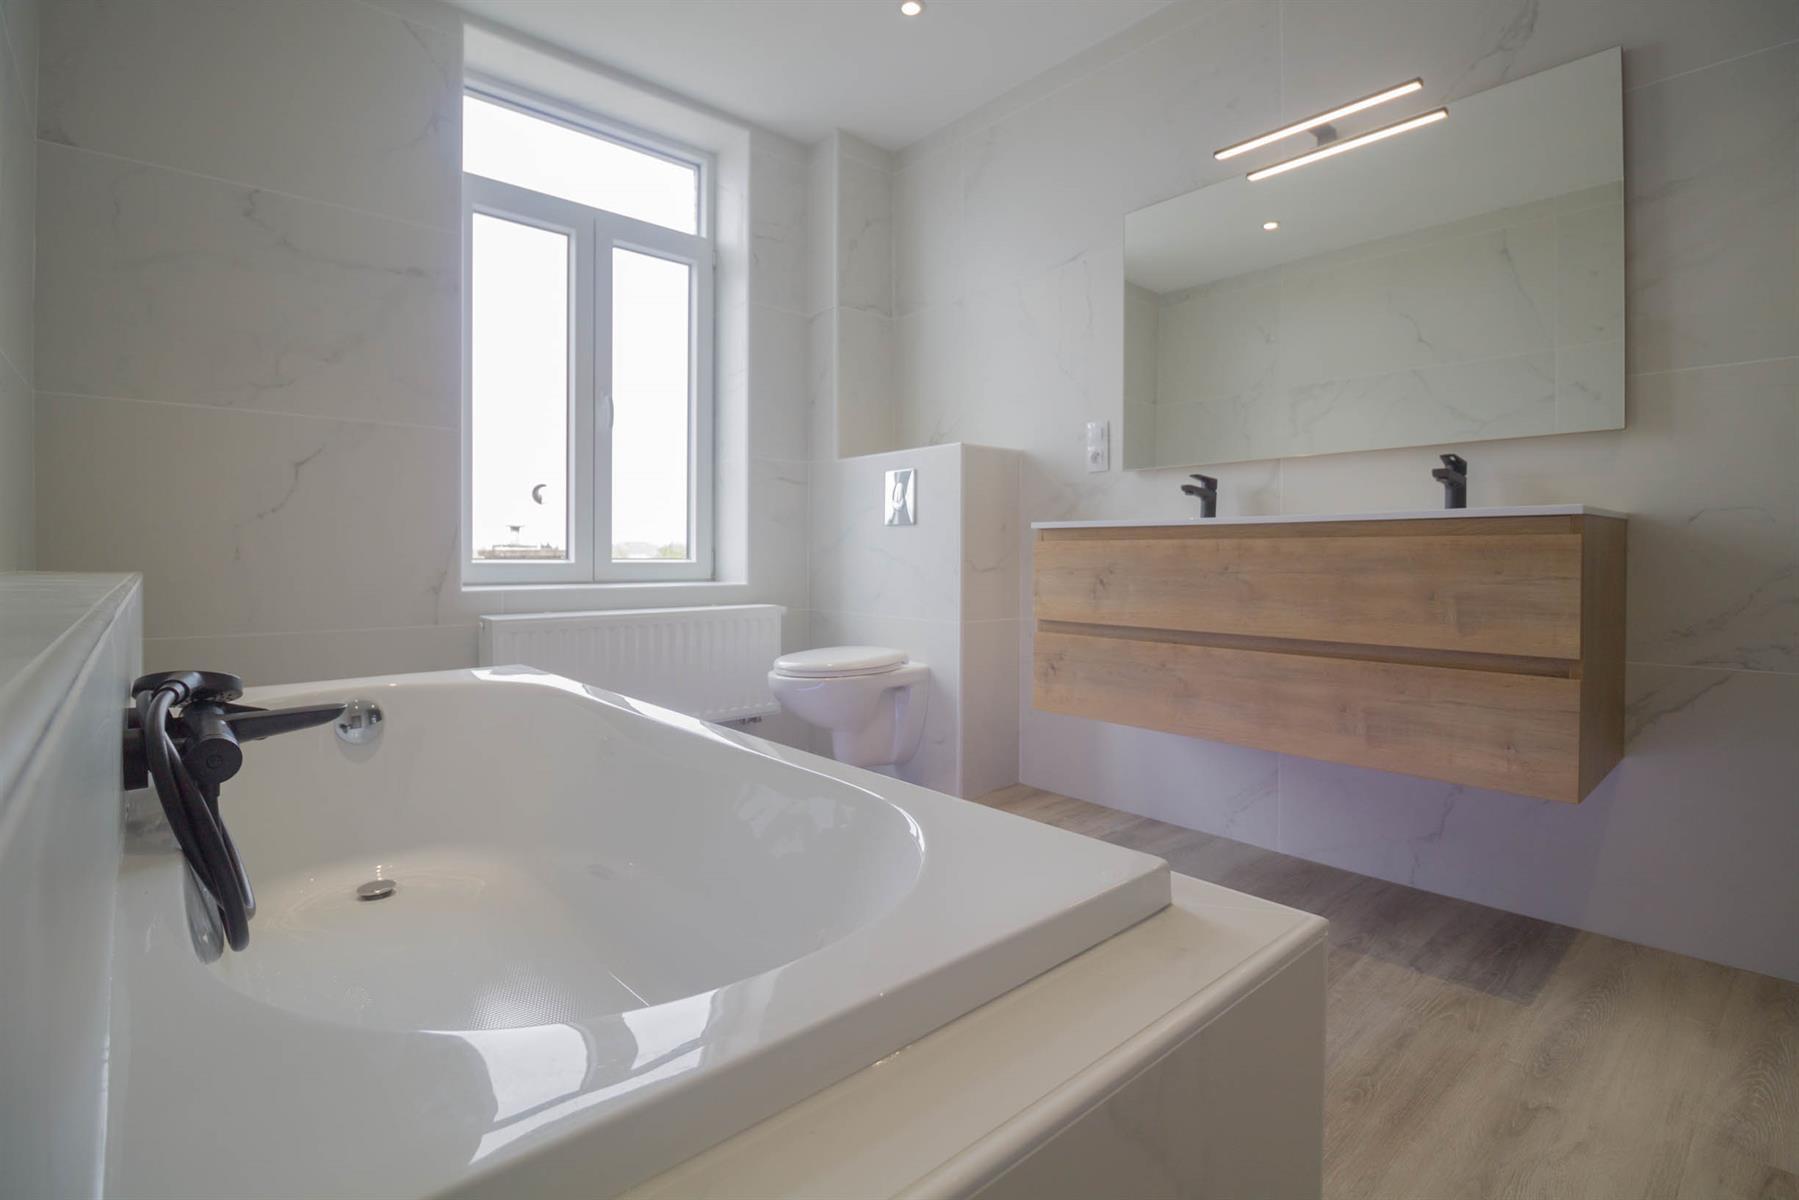 Maison - Goutroux (limite Courcelles) - #4363786-21